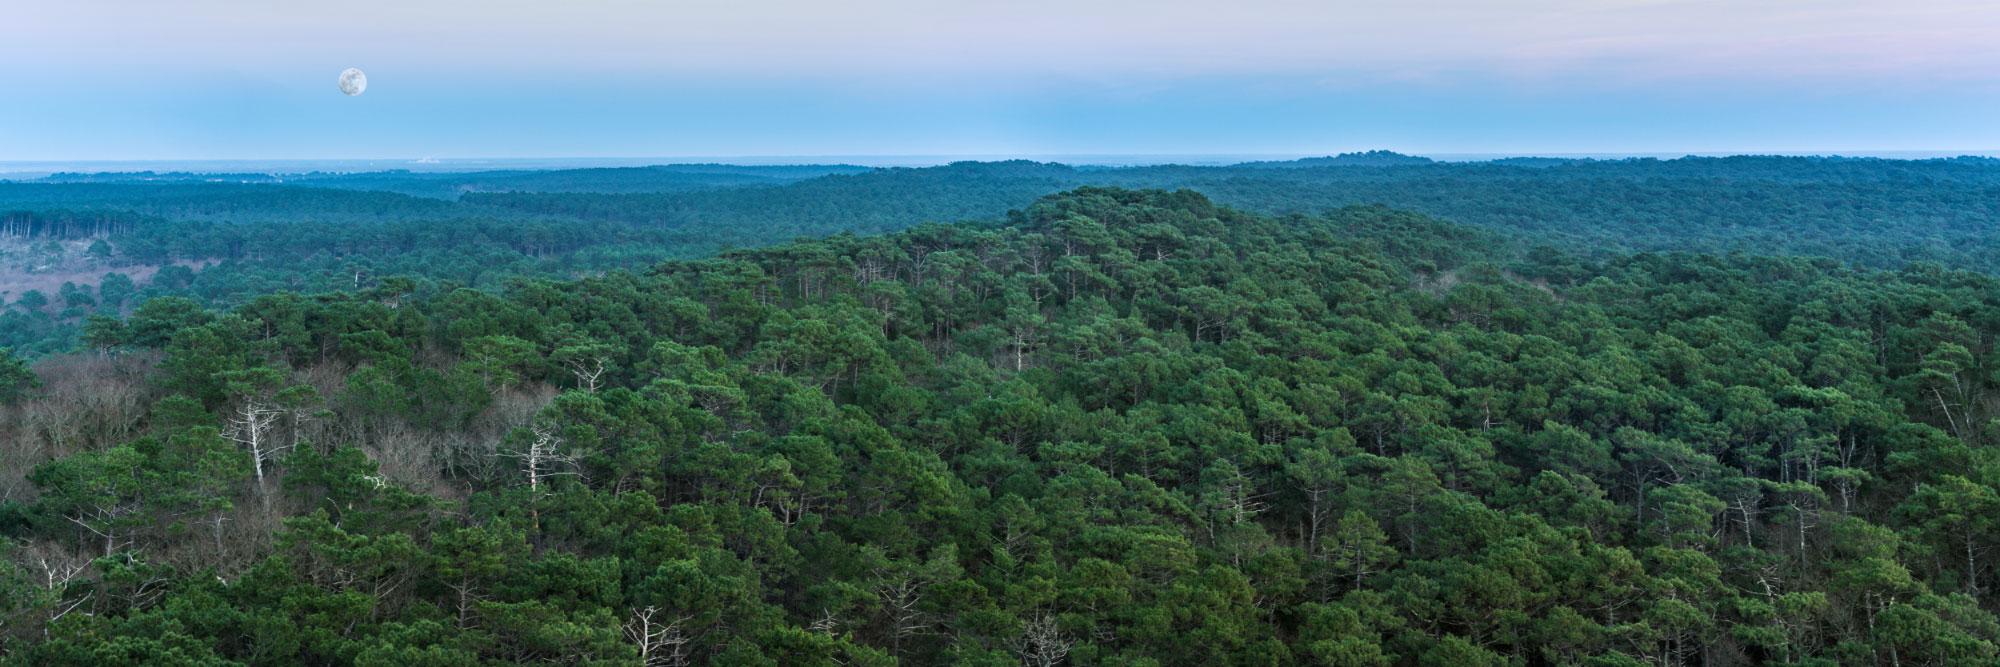 Forêt des Landes vu du haut de la dune du Pyla, côte Atlantique